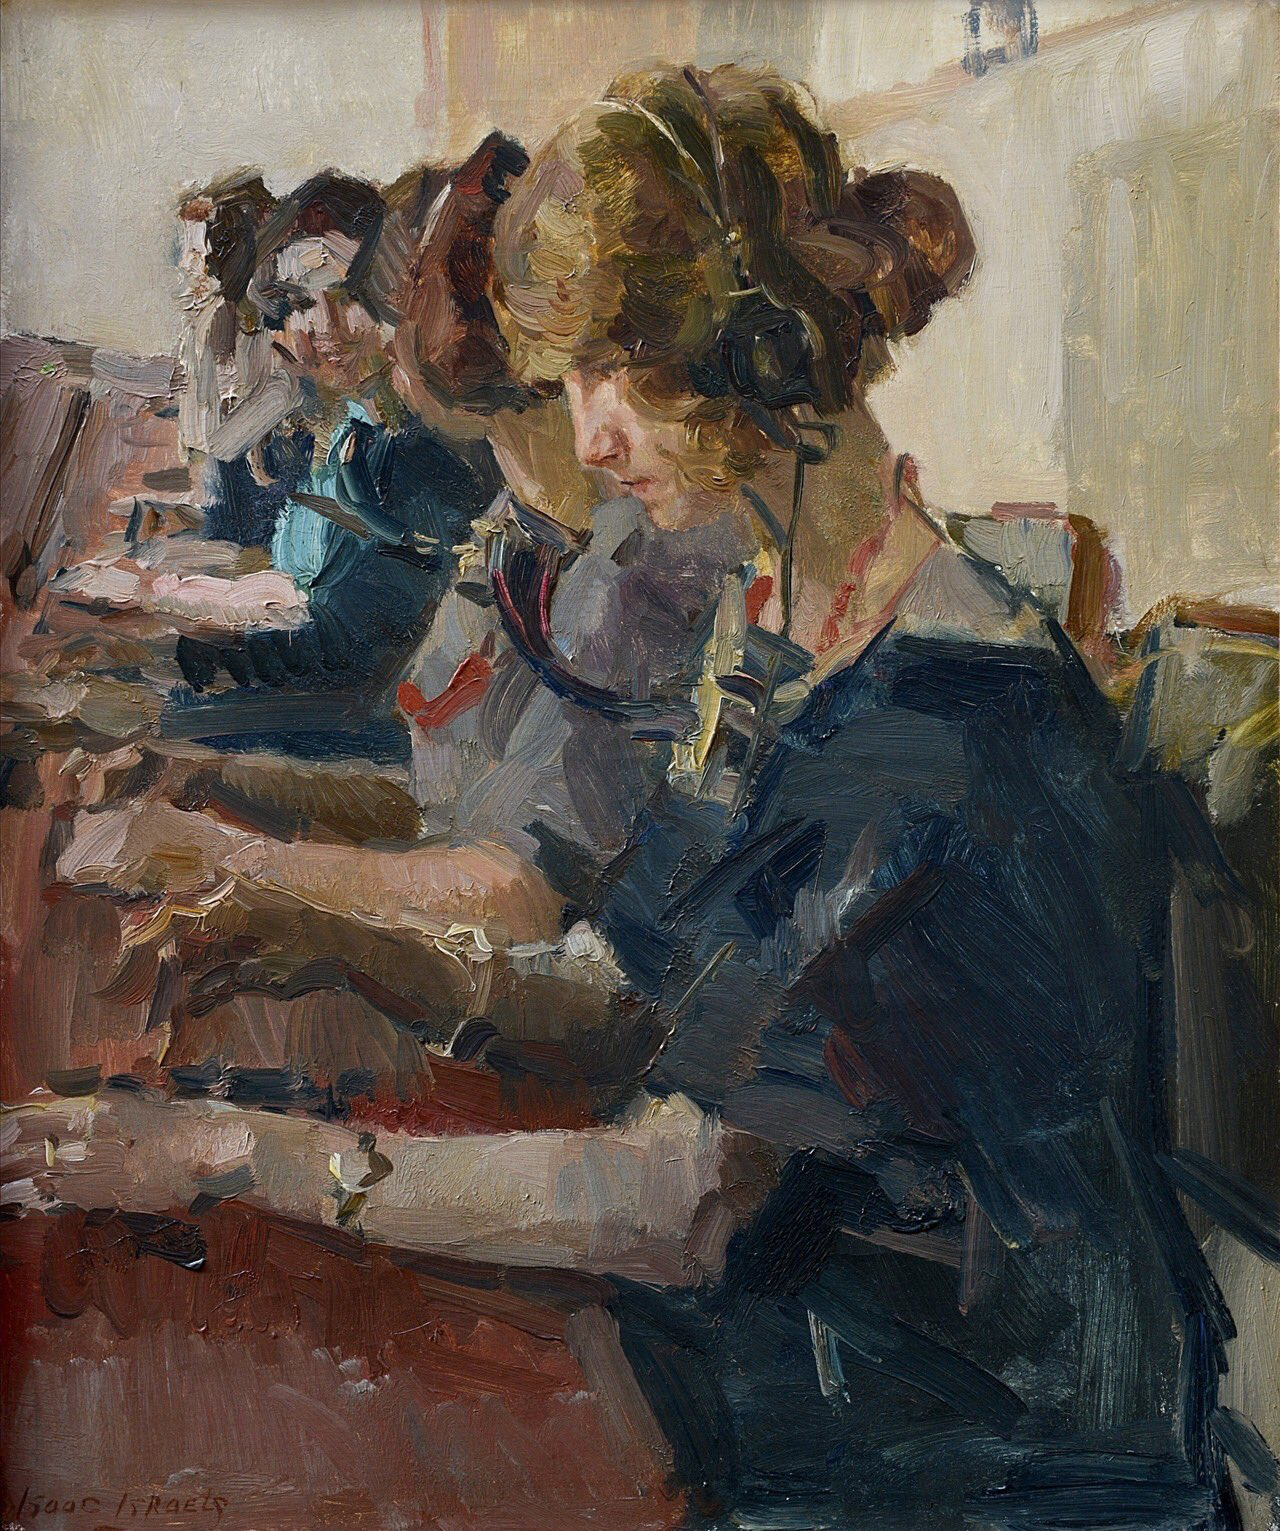 Pin de Maudilia A. en . arts . | Pintura y dibujo, Esbozos, Impresionismo